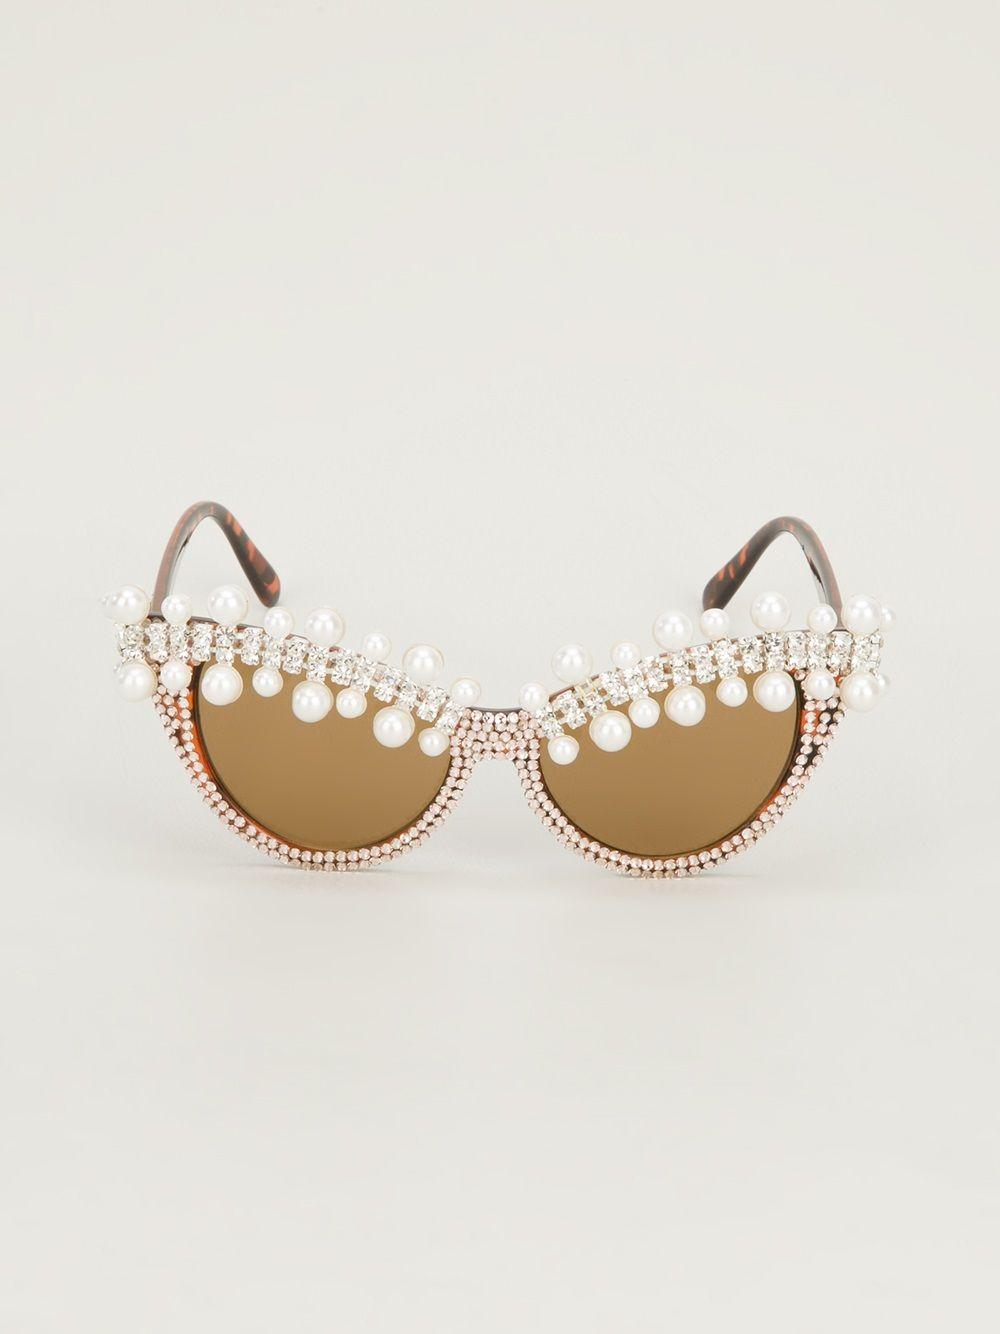 A-morir Embellished Sunglasses Oculos De Sol, Moda Para Festivais, Festival  Diy, 6cc9a252dc